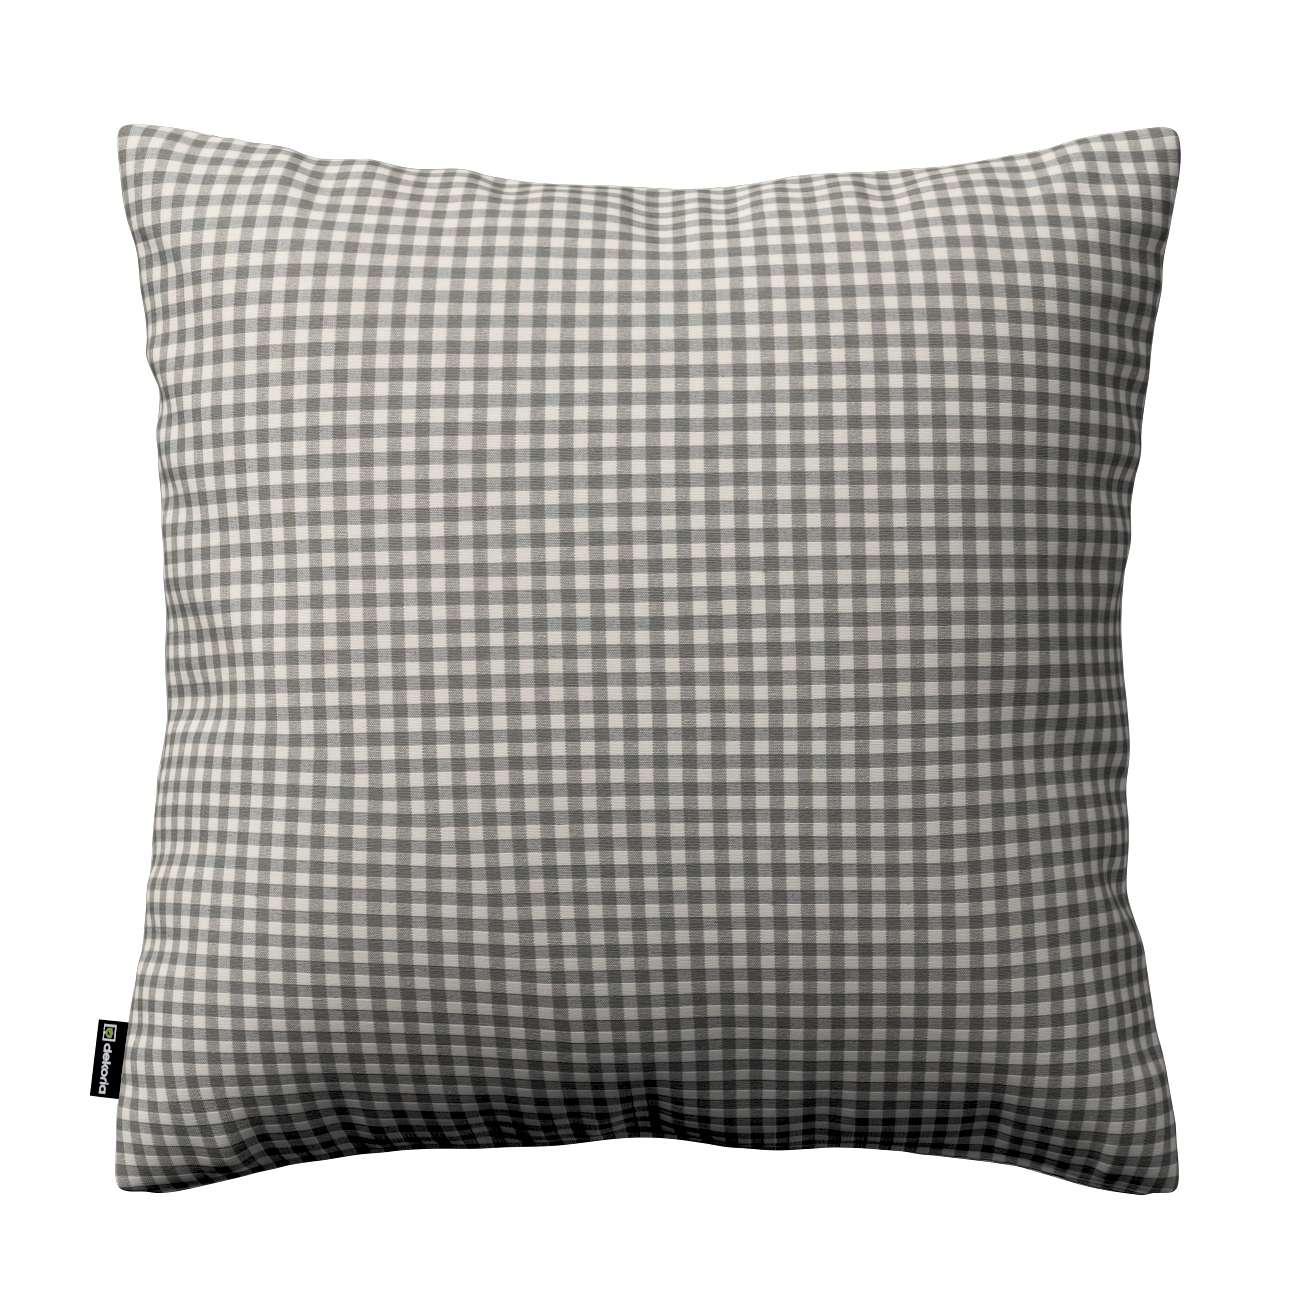 Karin - jednoduchá obliečka 43 x 43 cm V kolekcii Quadro, tkanina: 136-10